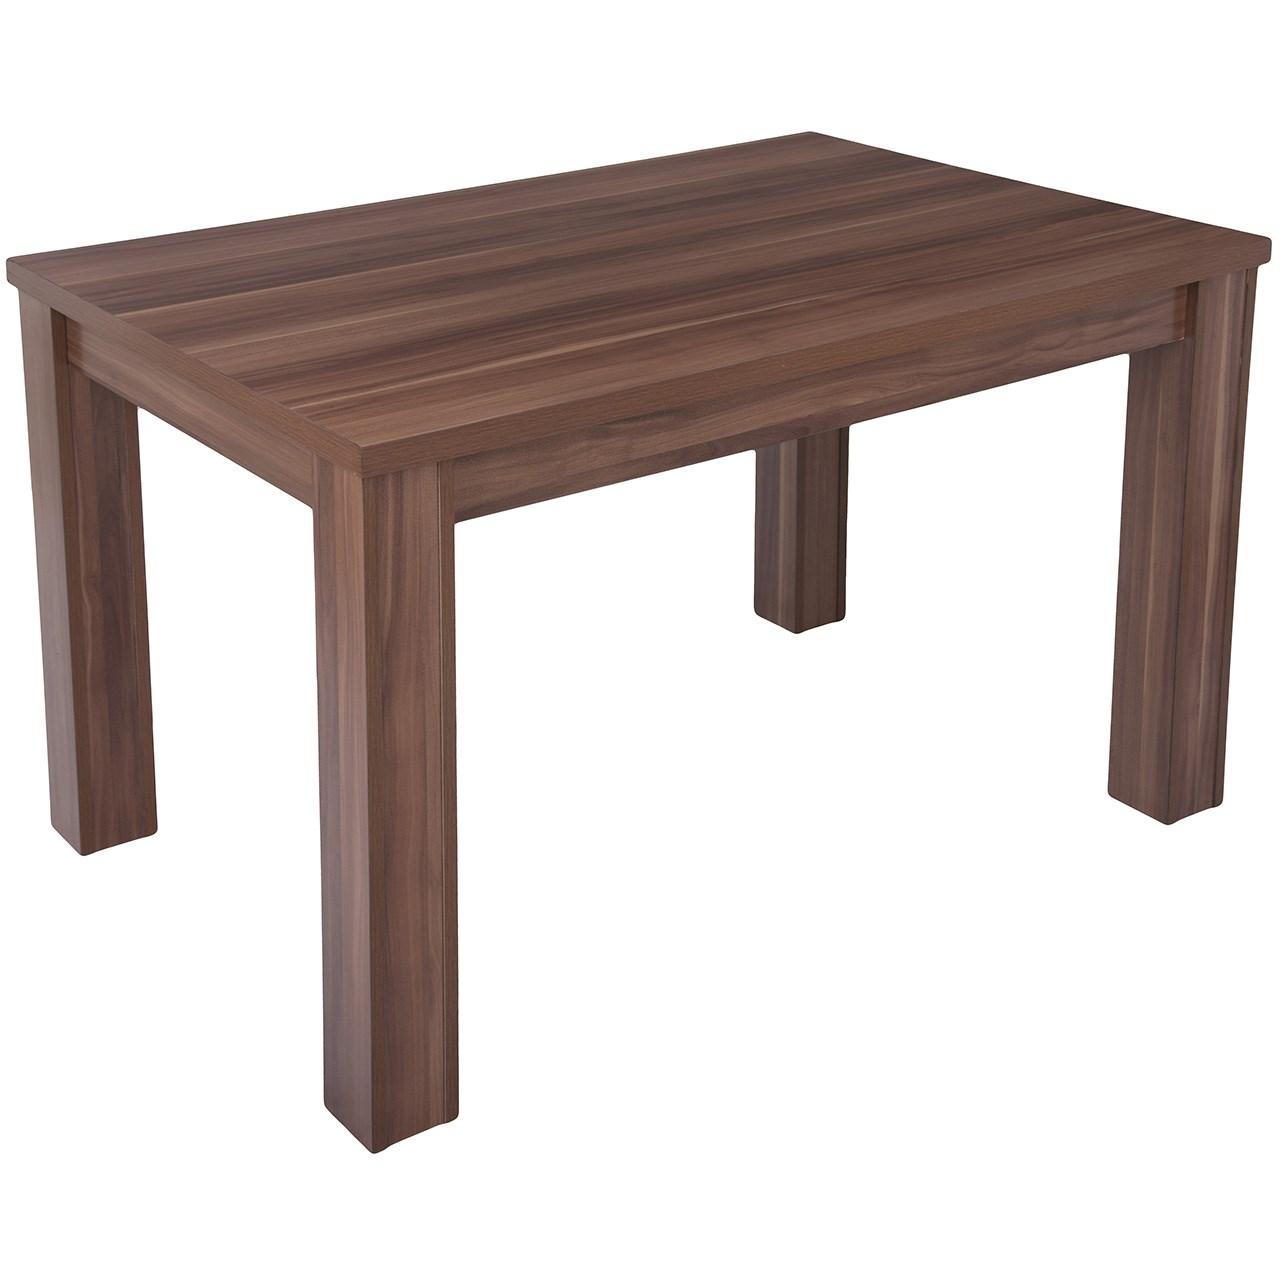 میز ناهار خوری DND مدل میگون- 120x 80 x 74  سانتی متر - قهوه ای روشن